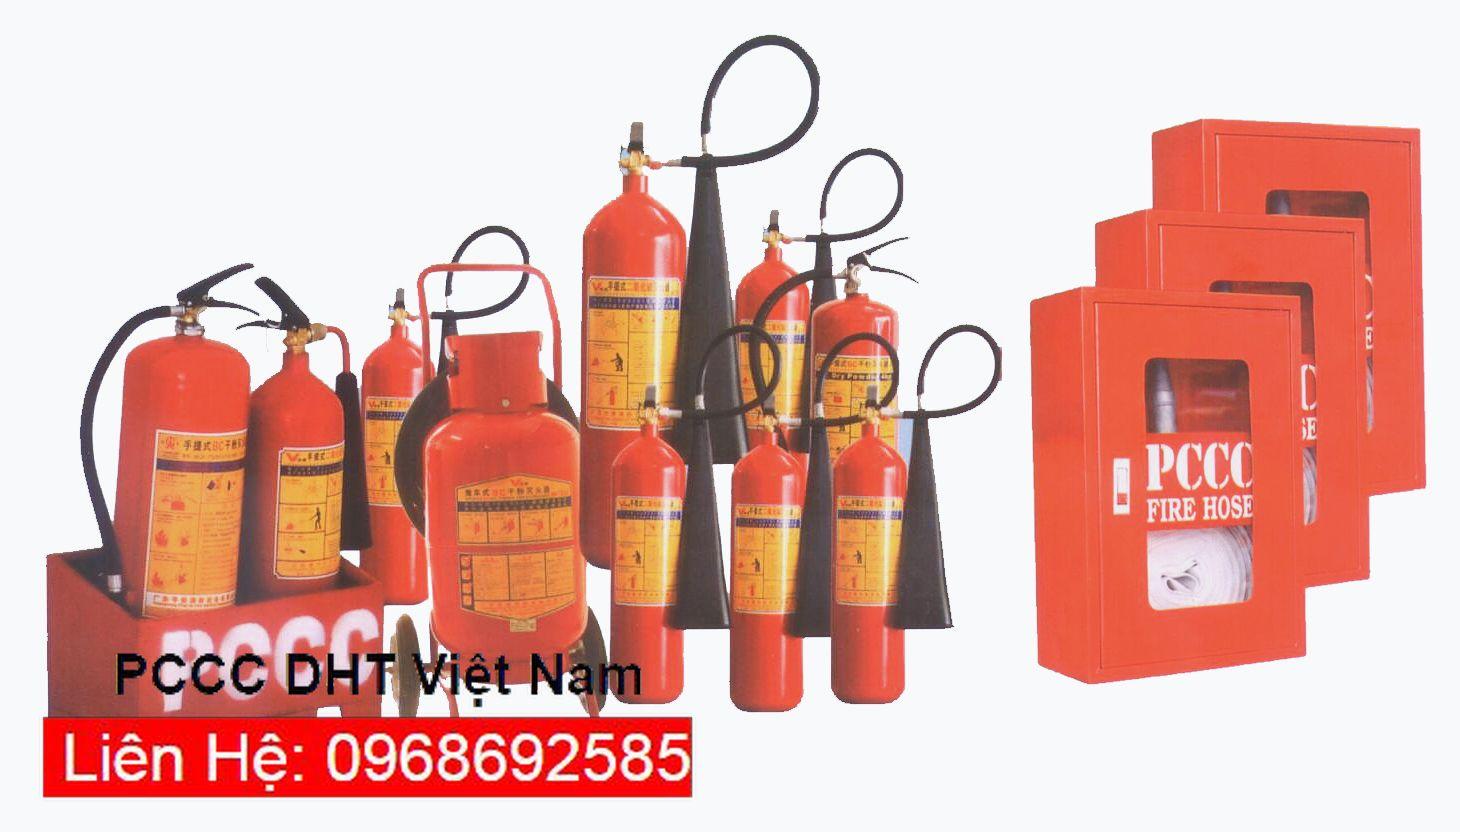 Dịch vụ bảo trì bảo dưỡng hệ thống phòng cháy chữa cháy tại Khu công nghiệp Gia Bình